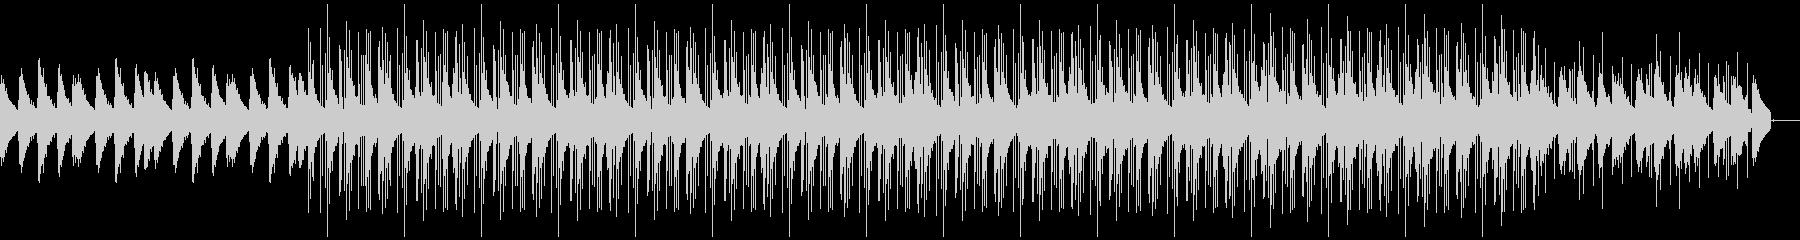 Lo-Fi チルアウト1の未再生の波形